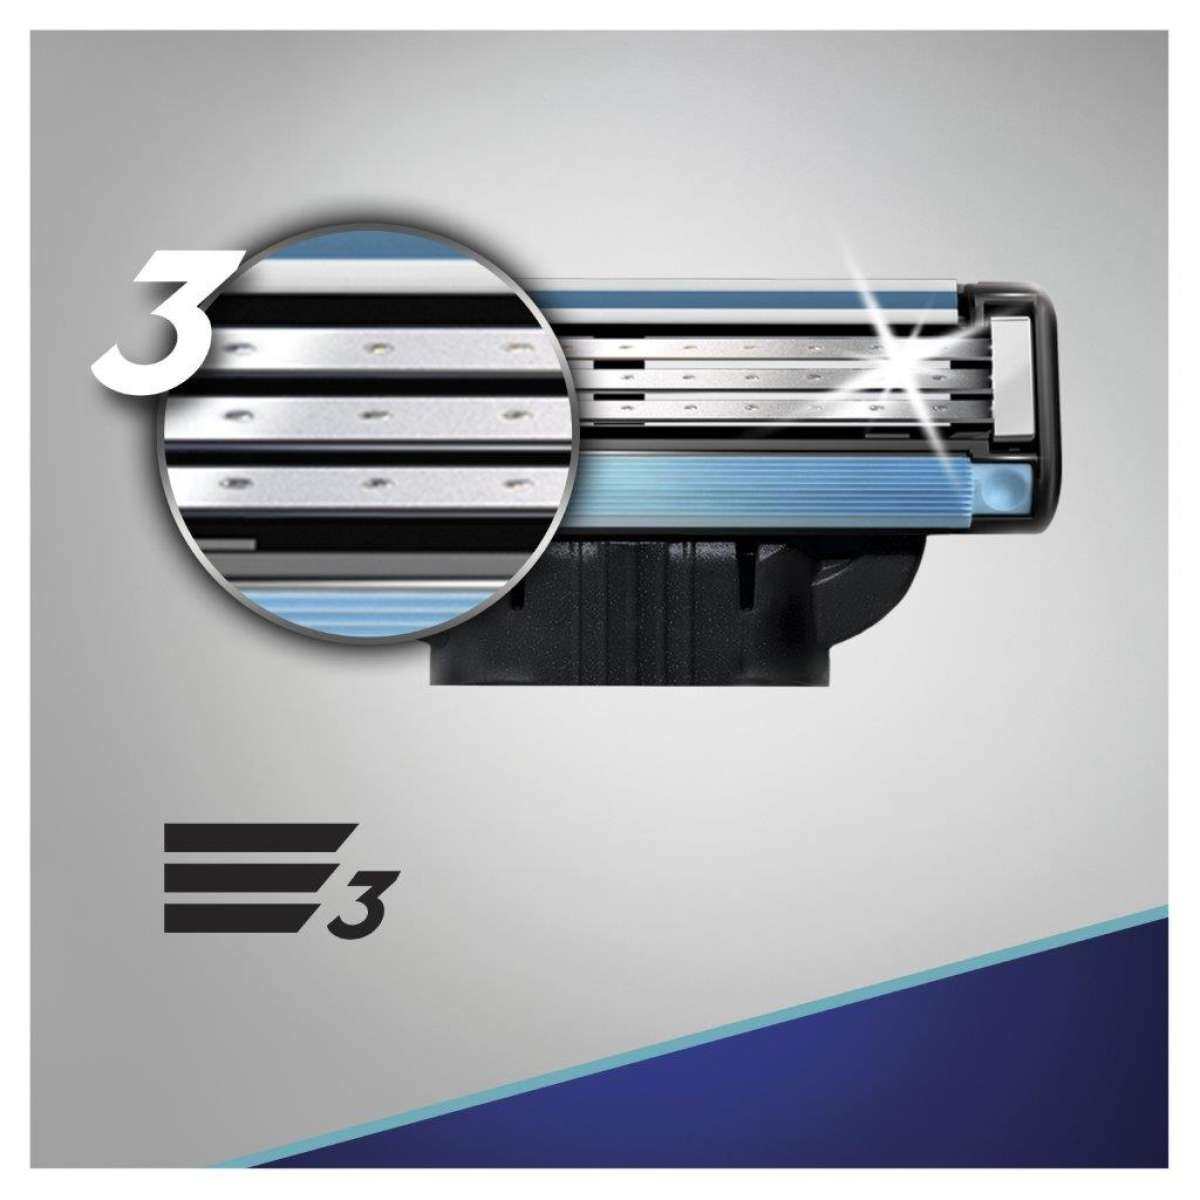 Сменные картриджи для бритья (Лезвия) Gillette Mach 3 8 шт. фото 7